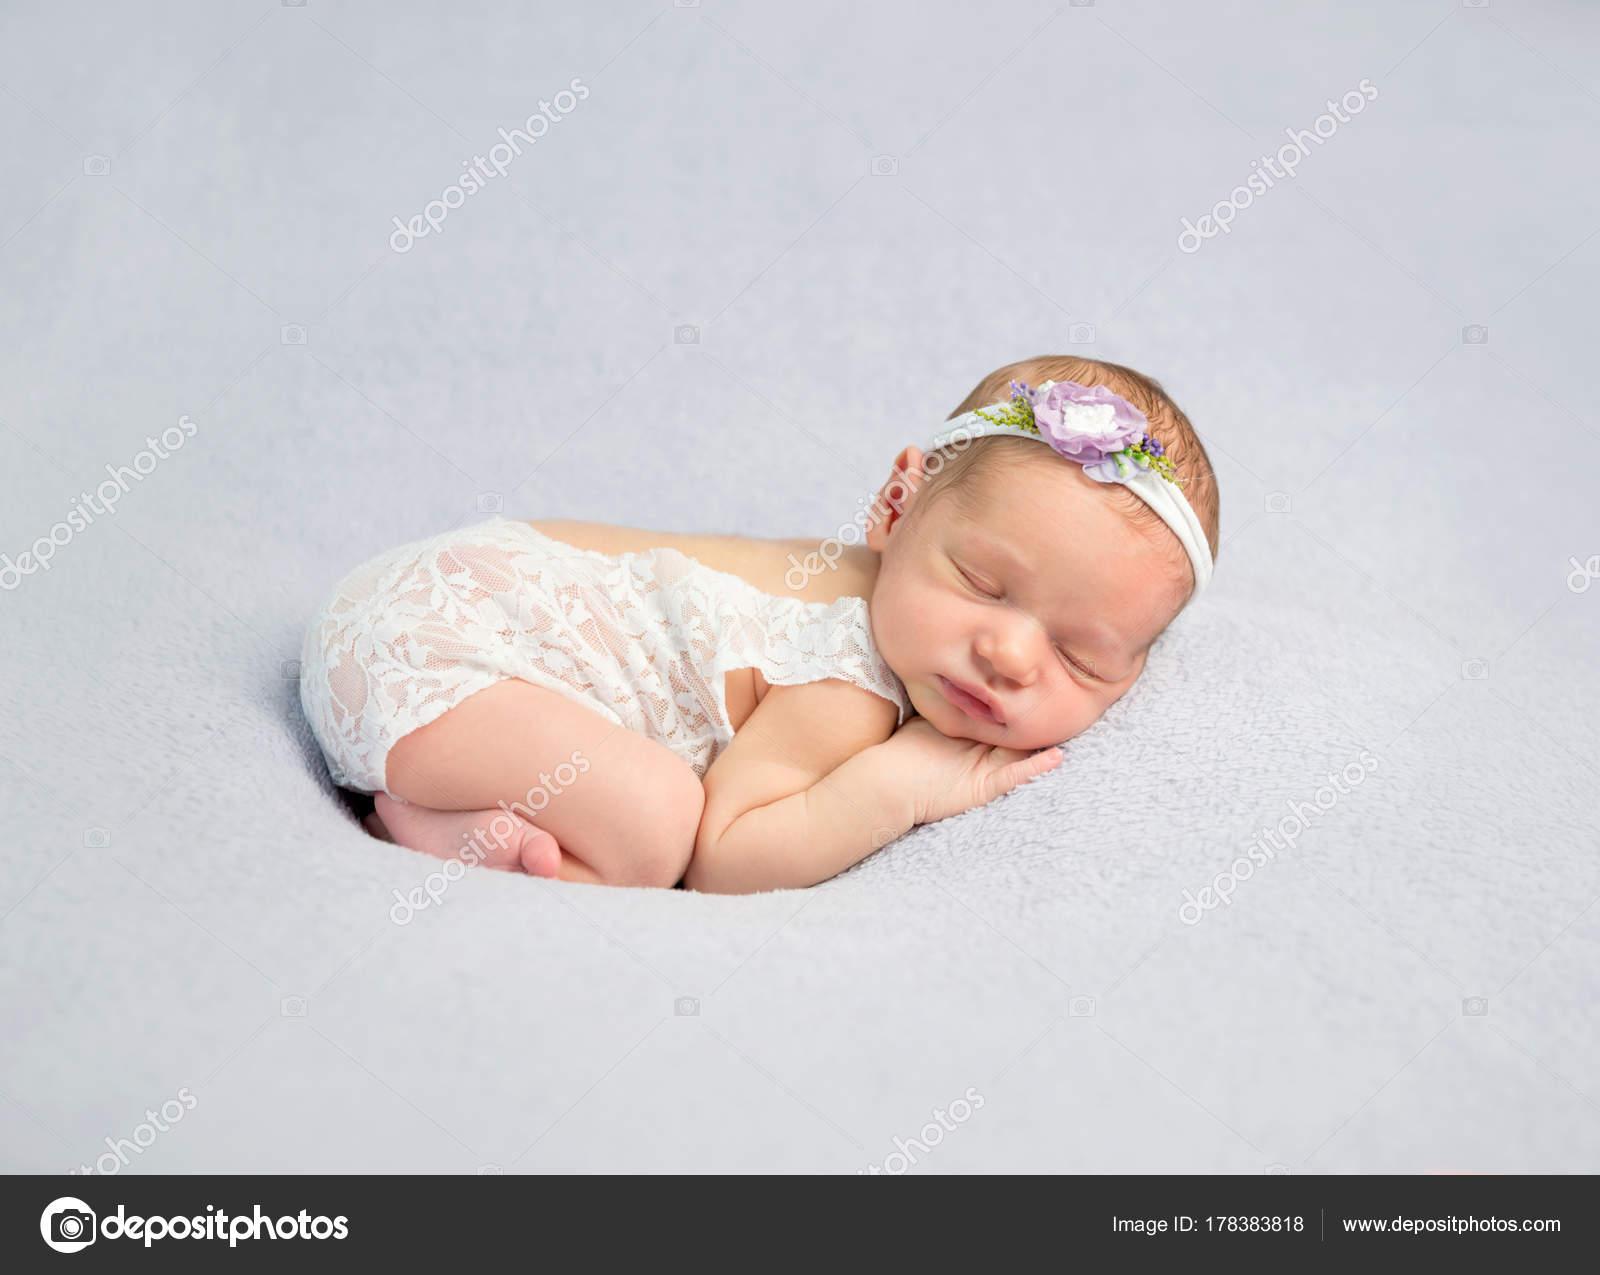 Entzückende Neugeborene im Body — Stockfoto © tan4ikk #178383818